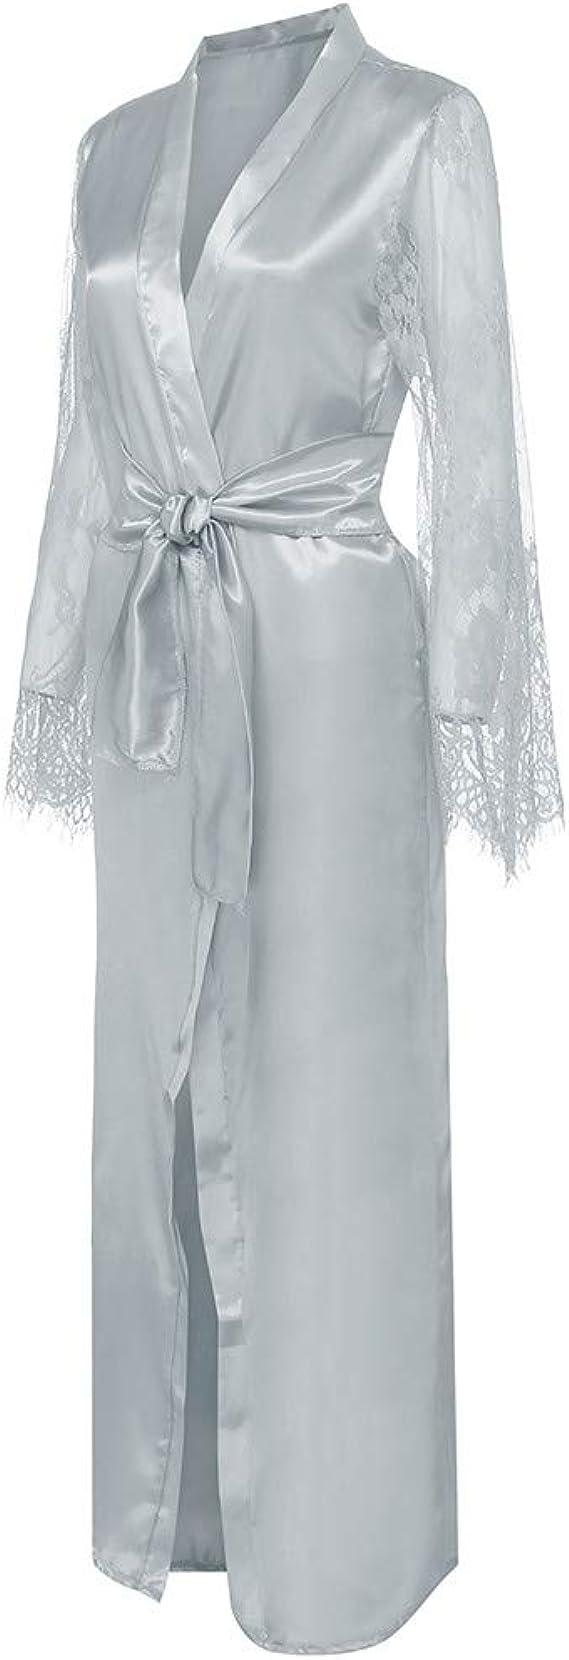 JUTOO Satén satén Encaje Pijamas túnica Ropa Interior Batas: Amazon.es: Ropa y accesorios